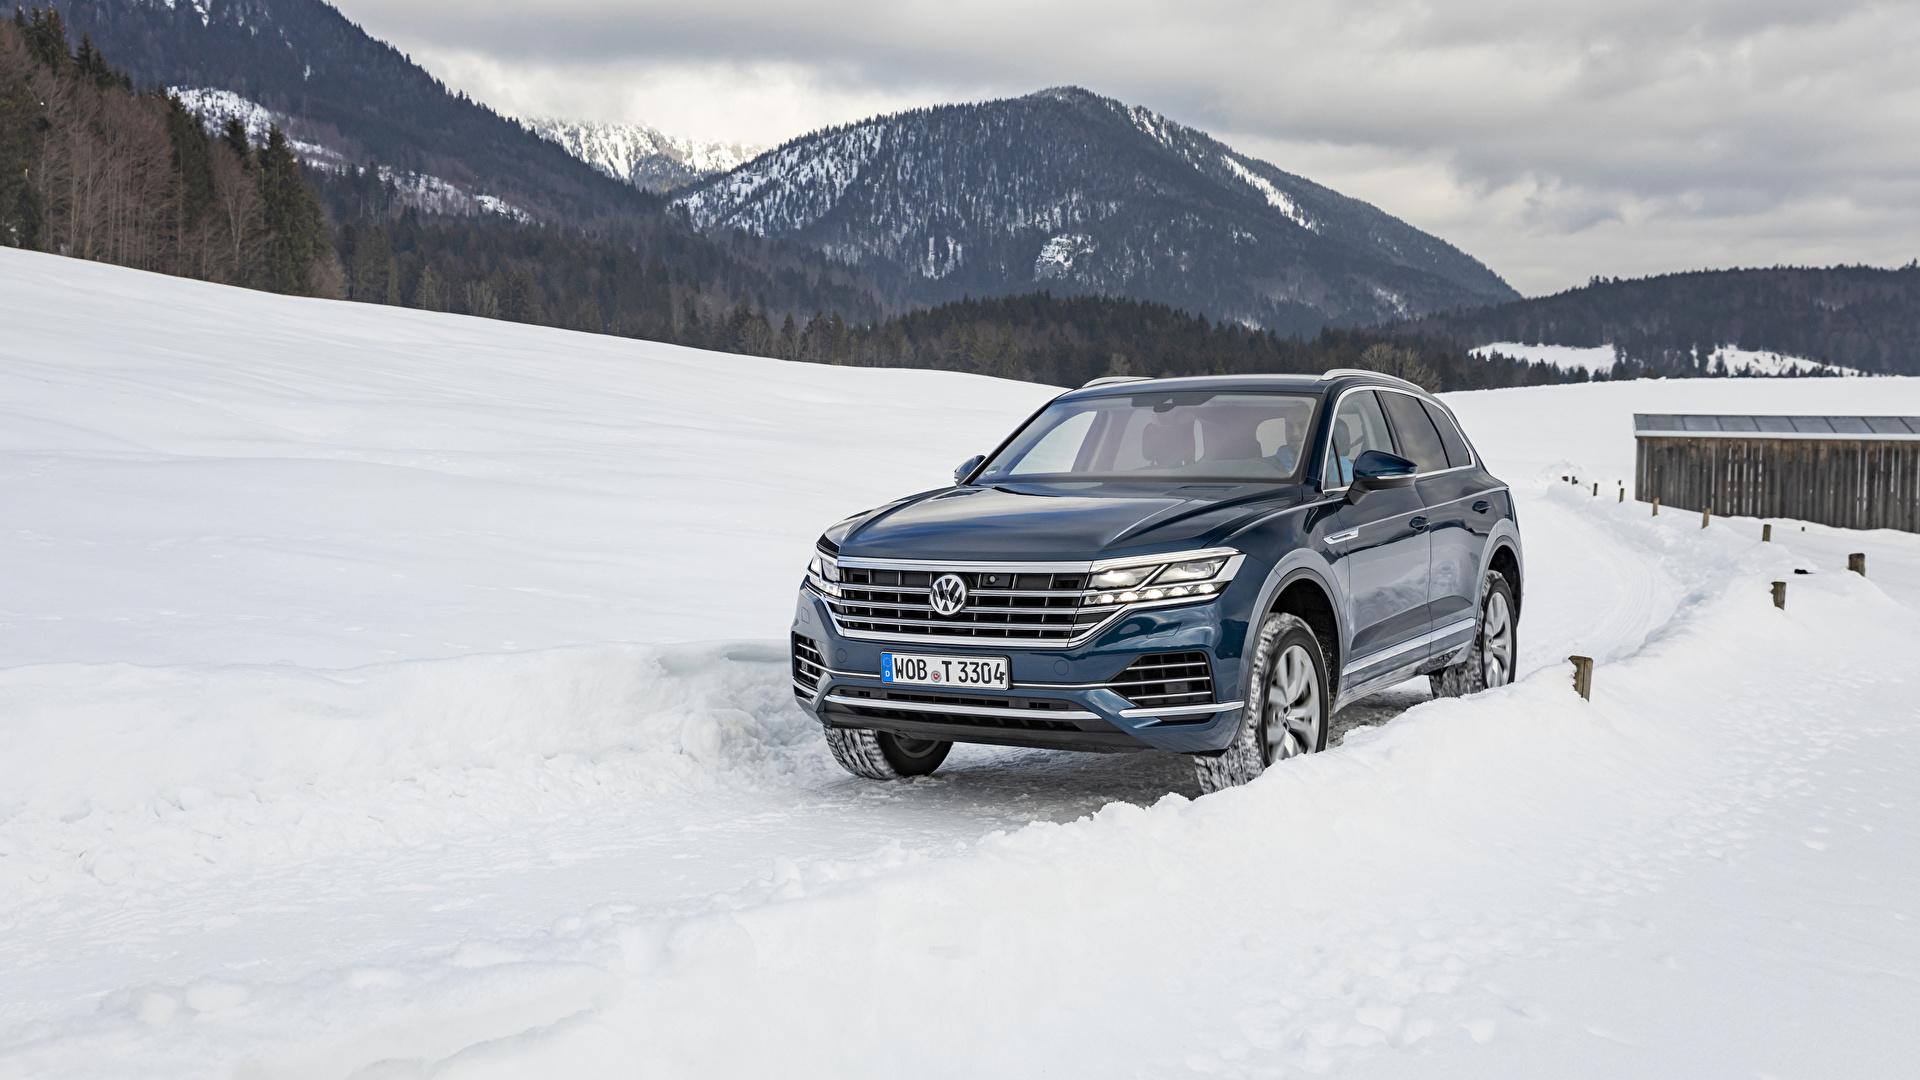 Hintergrundbilder Volkswagen 2018-19 Touareg V6 TDI Worldwide Blau Schnee Autos Metallisch 1920x1080